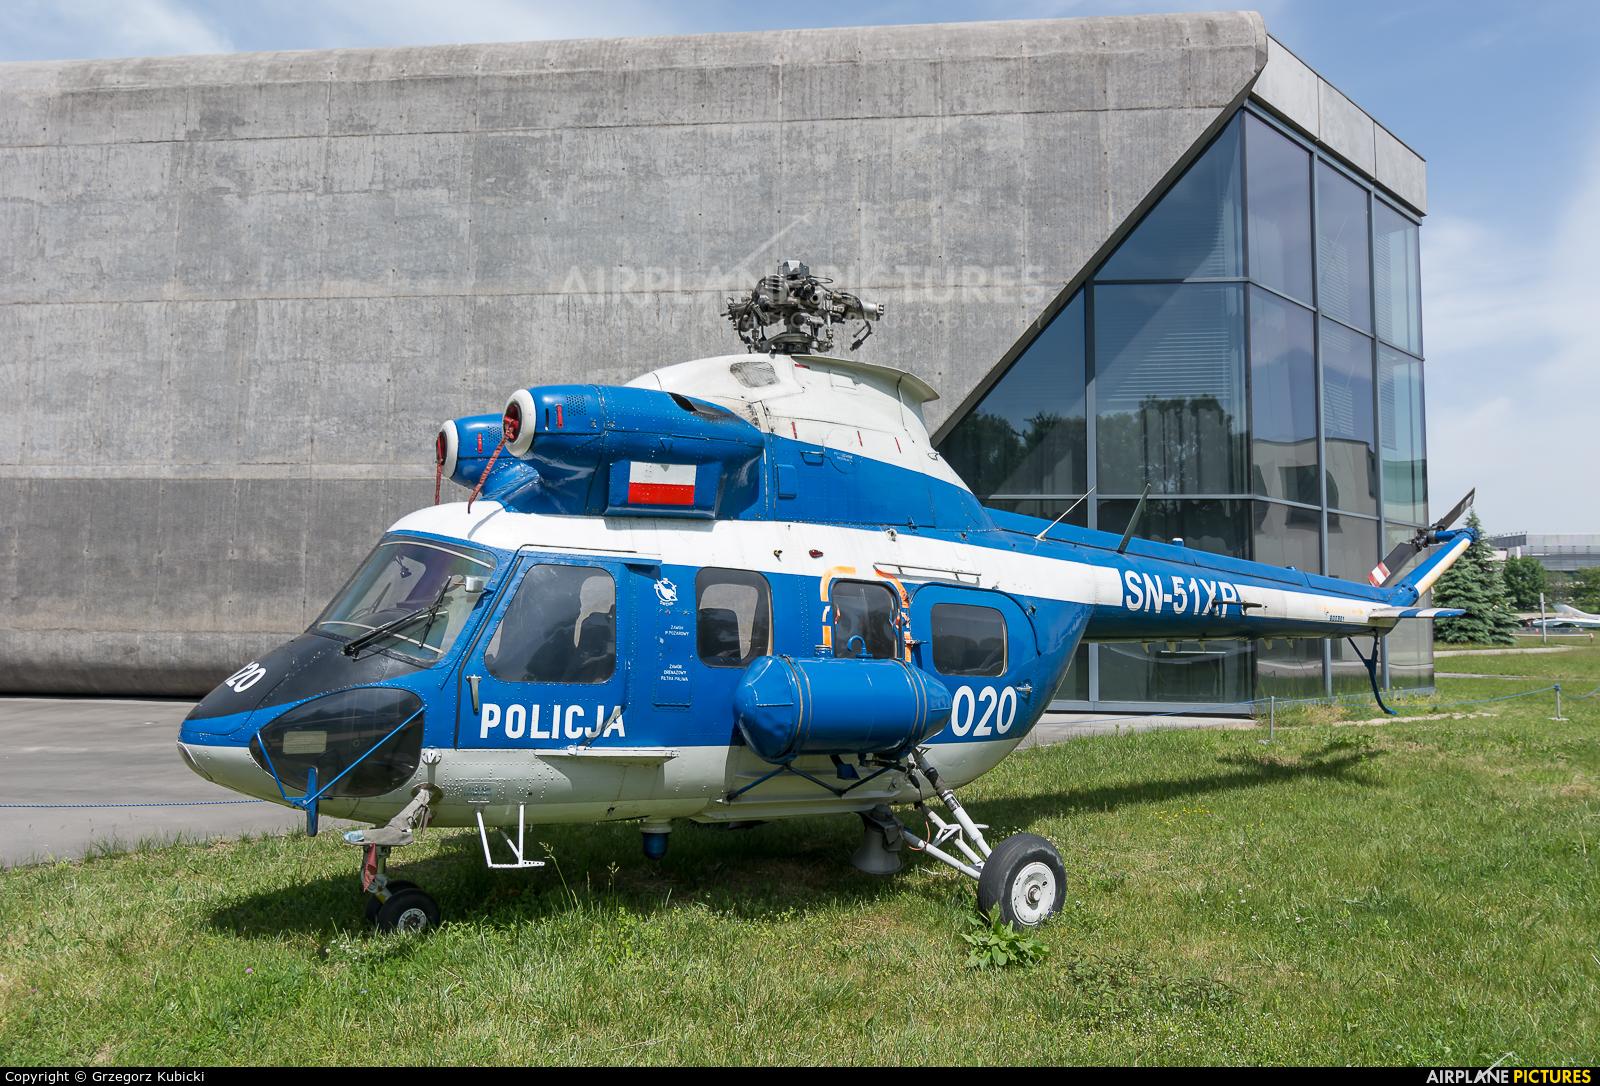 Poland - Police SN-51XP aircraft at Kraków, Rakowice Czyżyny - Museum of Polish Aviation